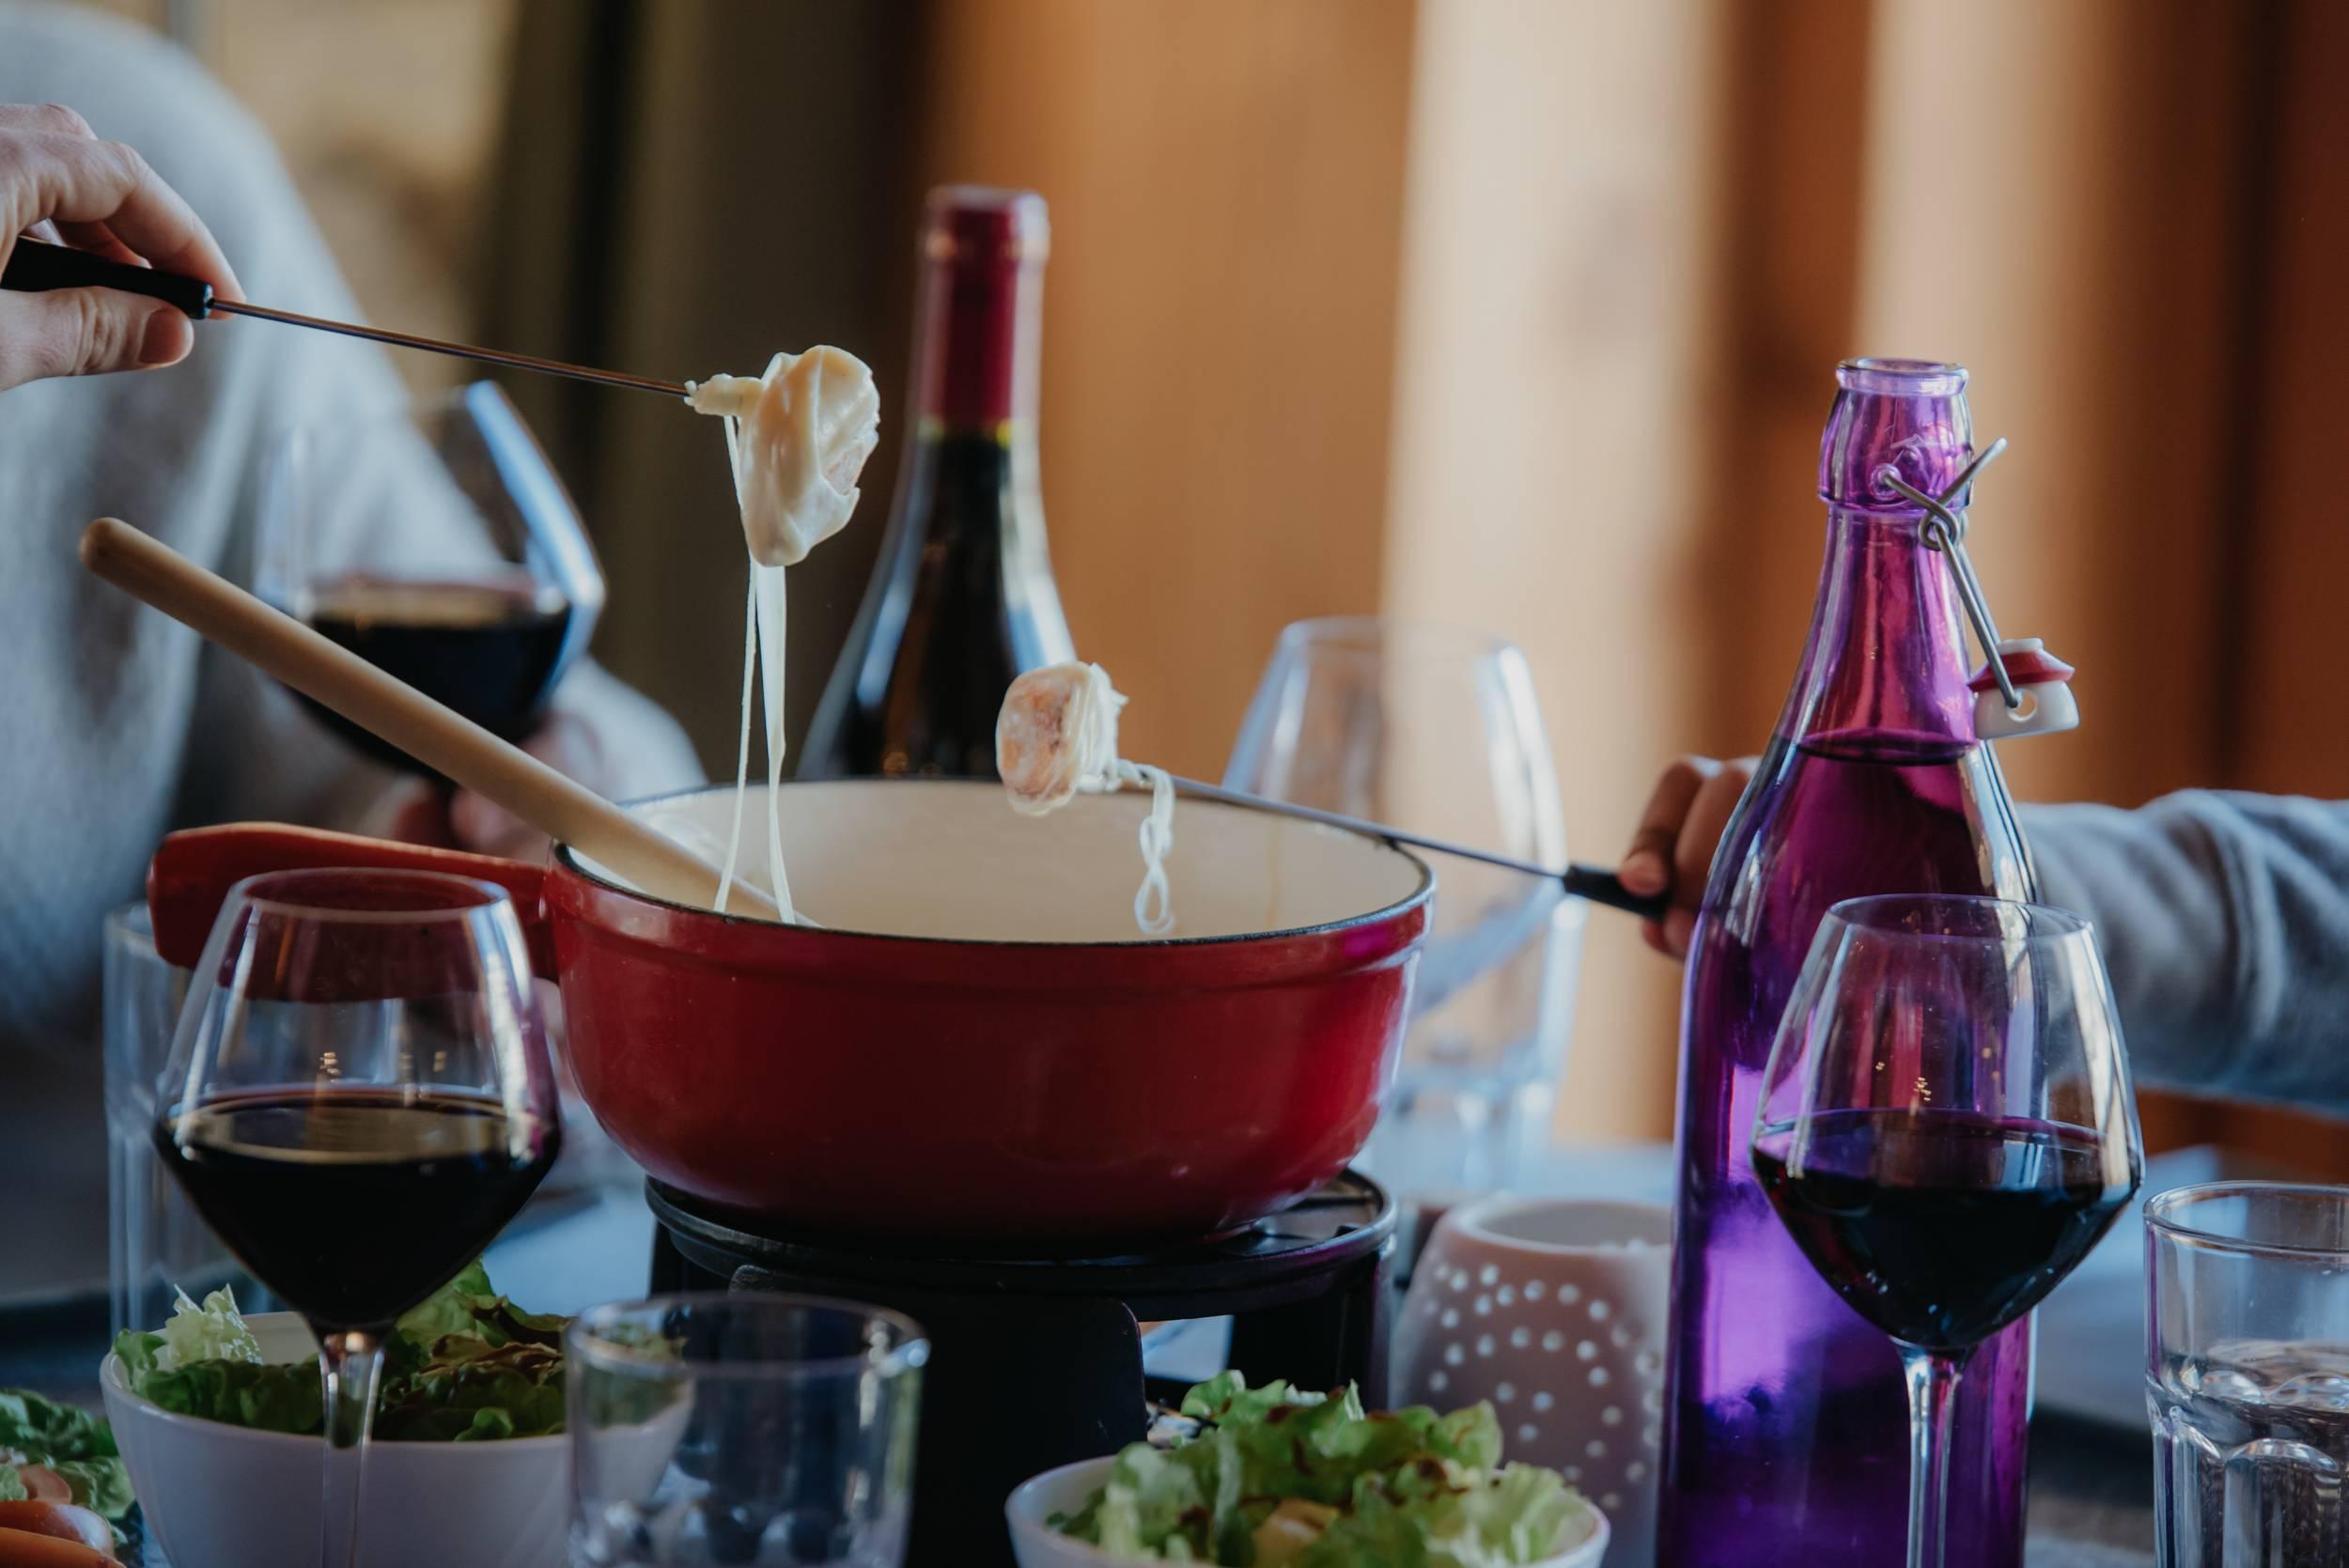 soirée raclette fondue